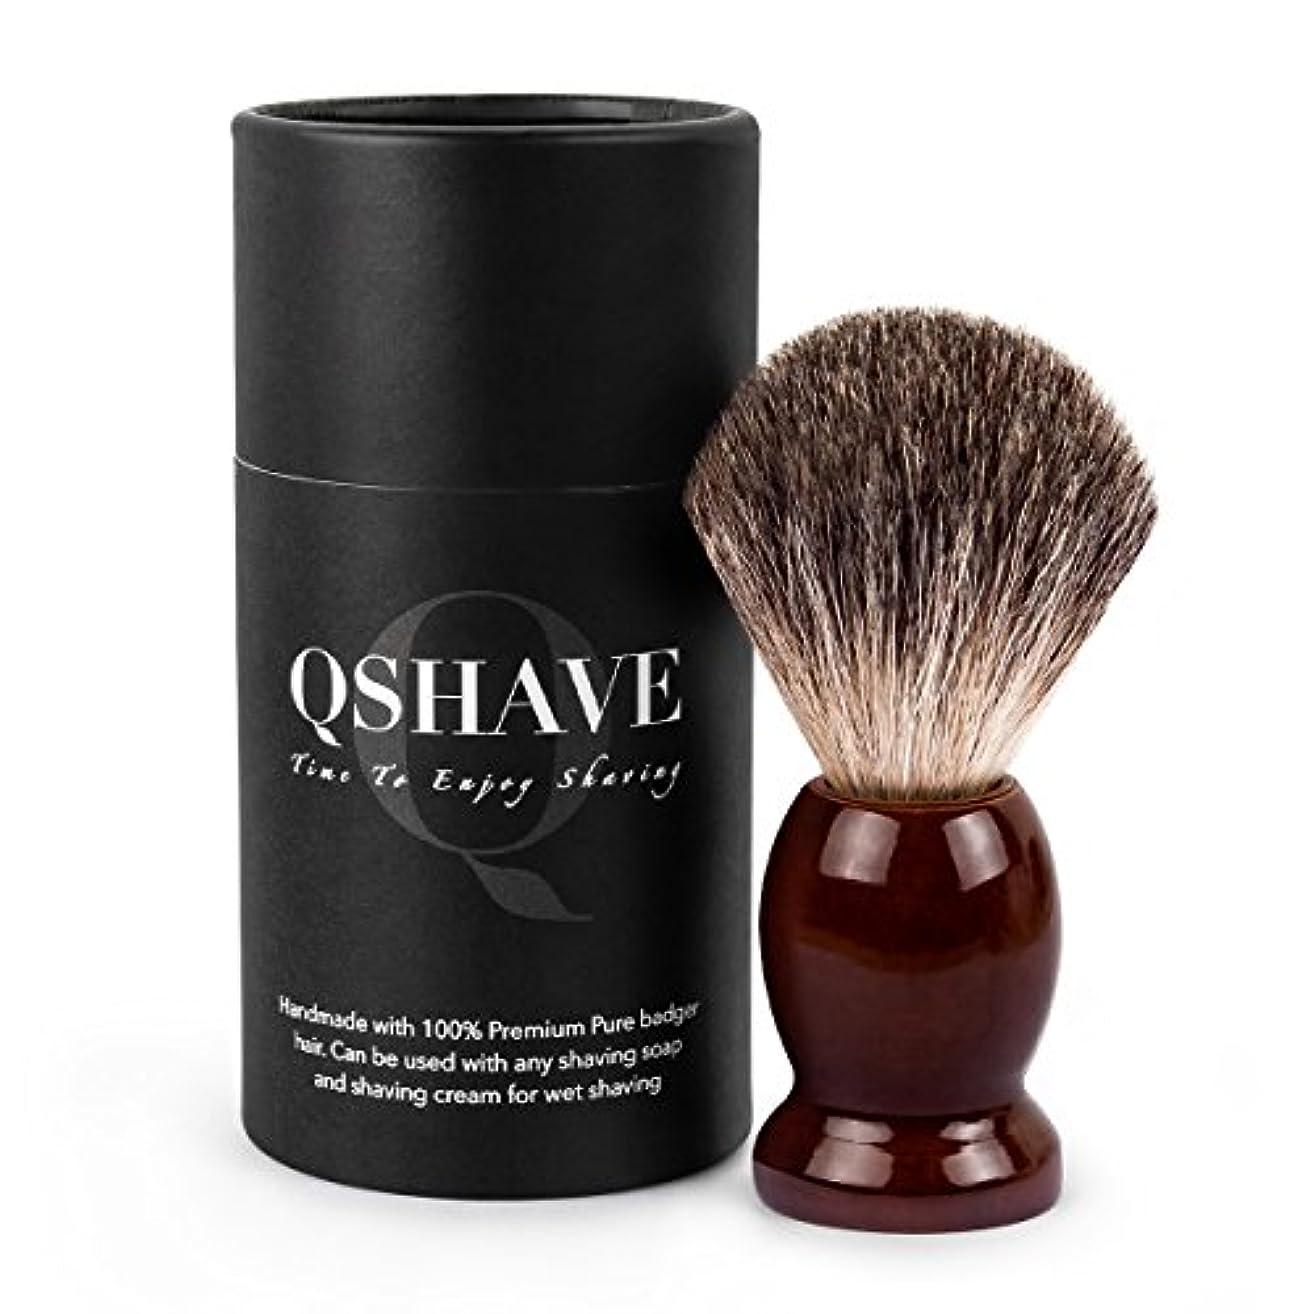 例外残り機械QSHAVE 100%最高級アナグマ毛オリジナルハンドメイドシェービングブラシ。木製ベース。ウェットシェービング、安全カミソリ、両刃カミソリに最適